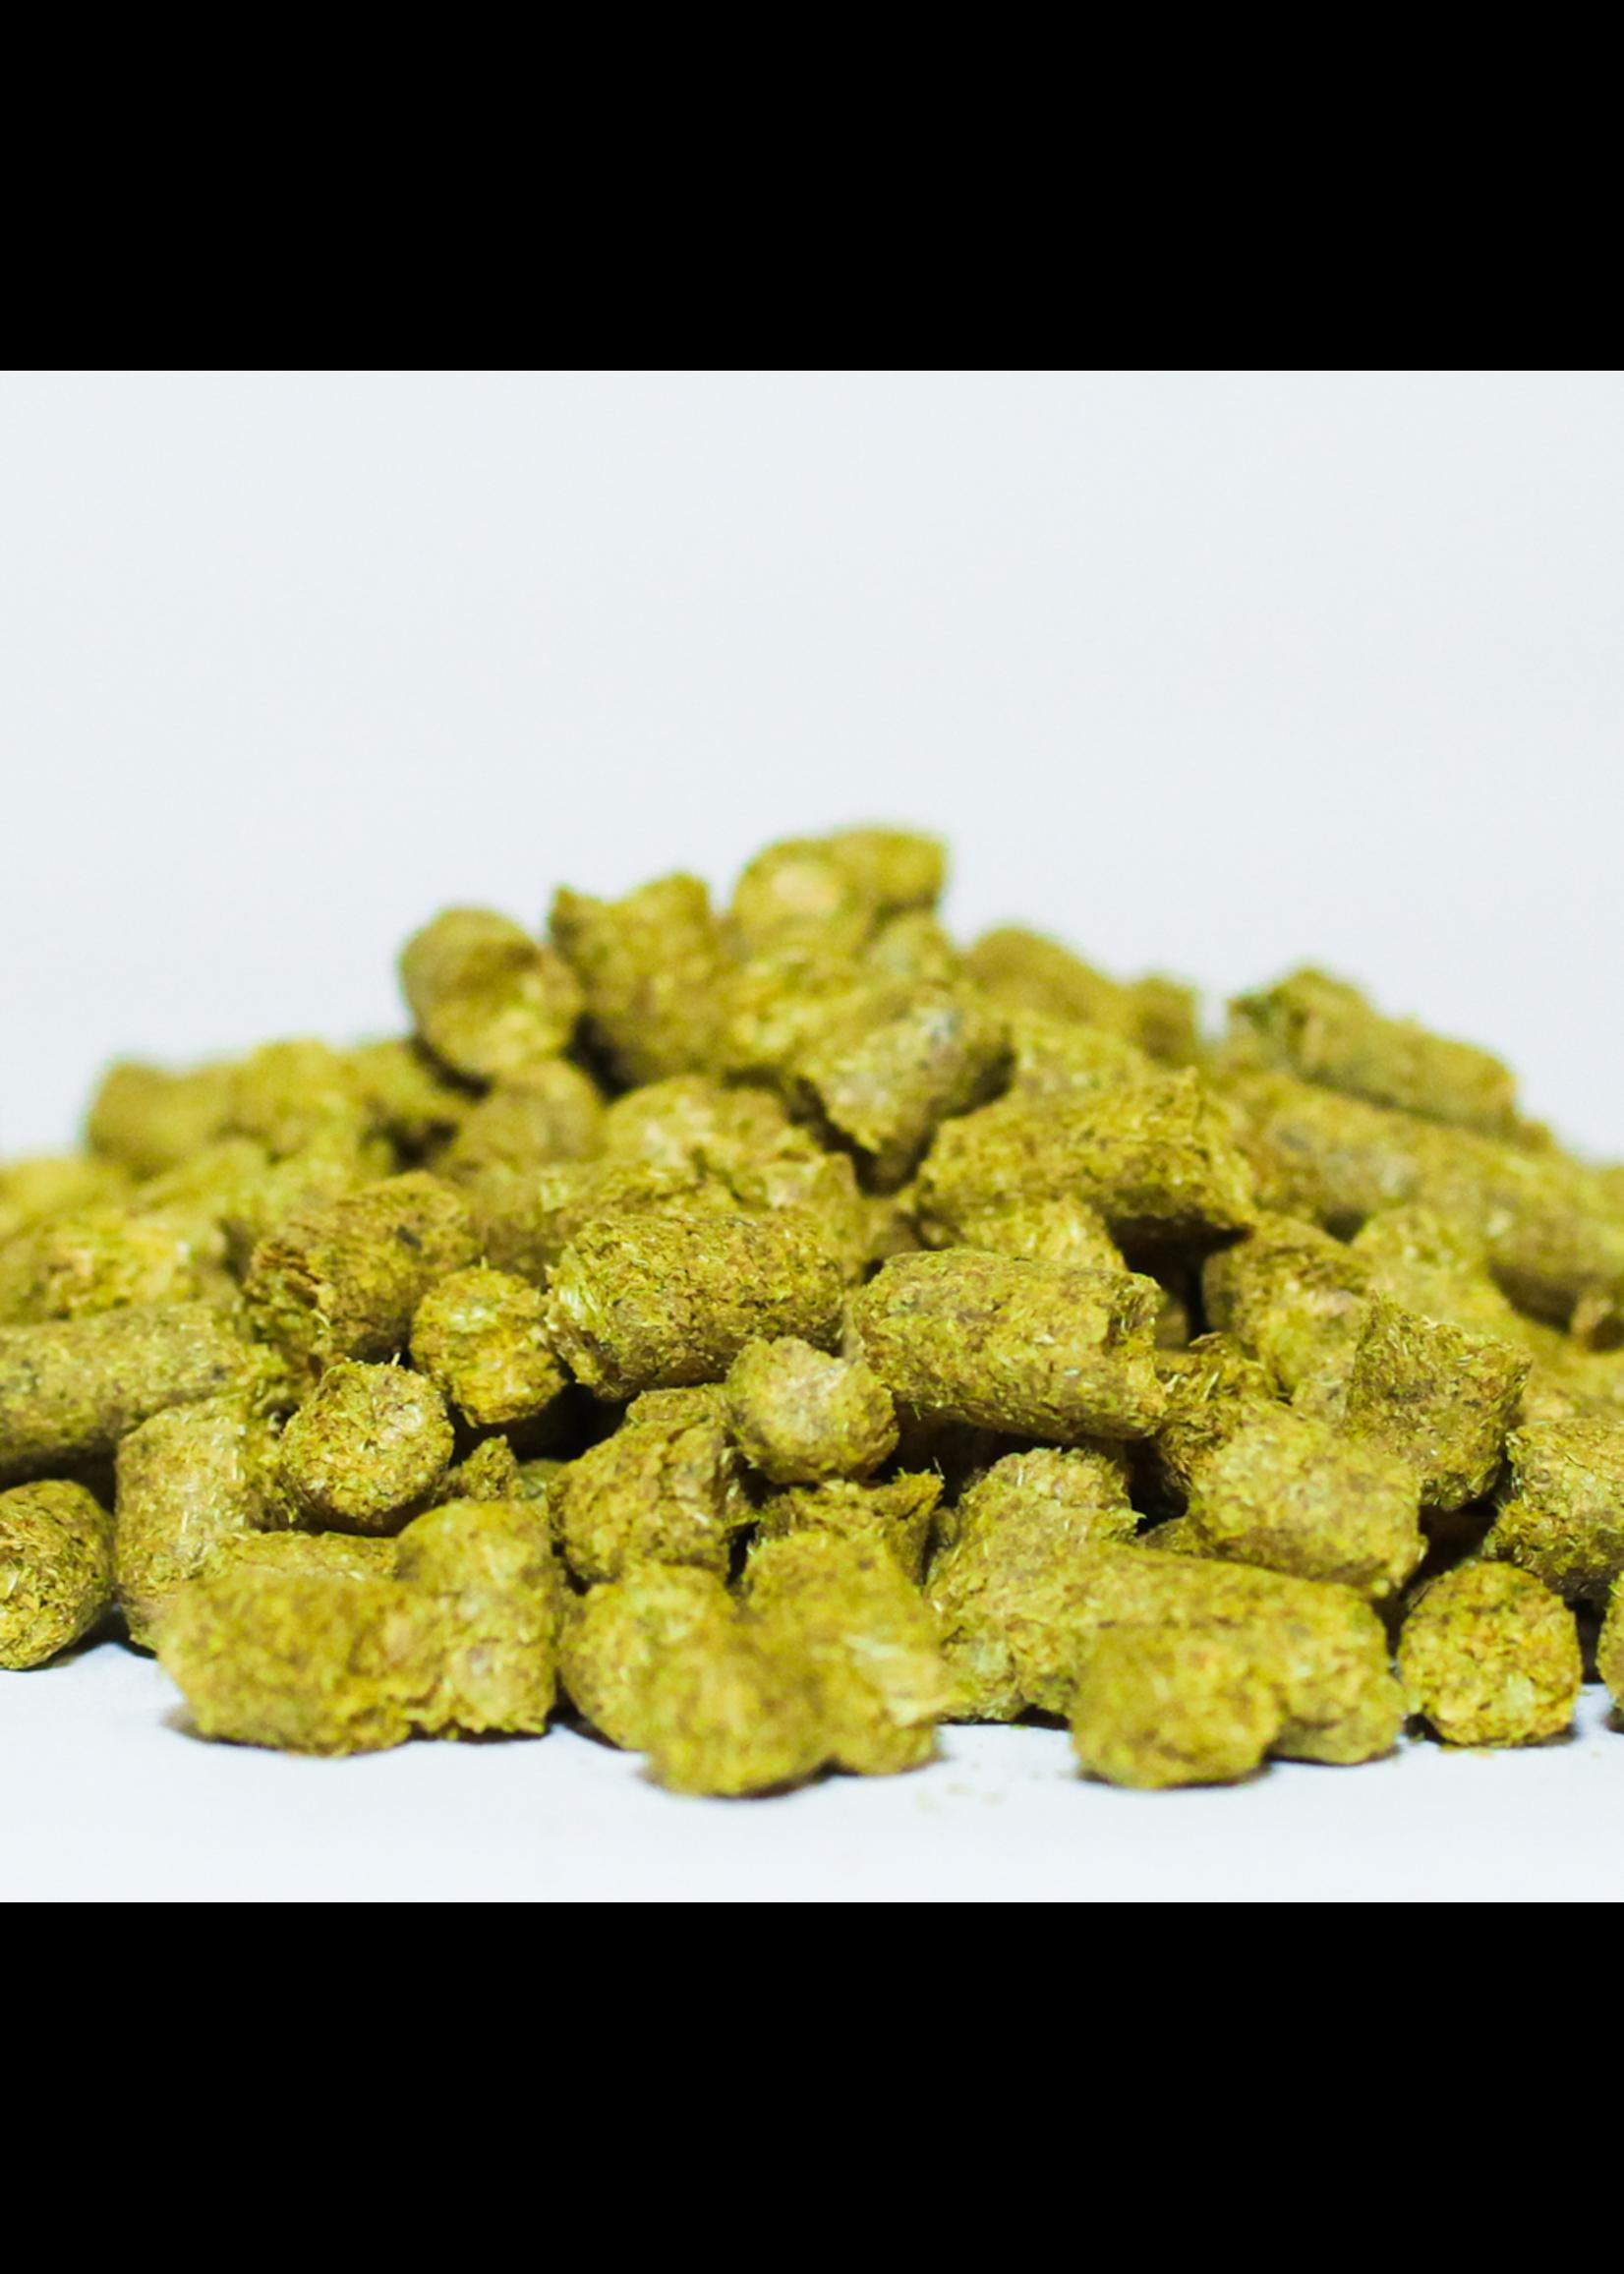 Hops Citra Hops (US) - Pellets - 1 oz